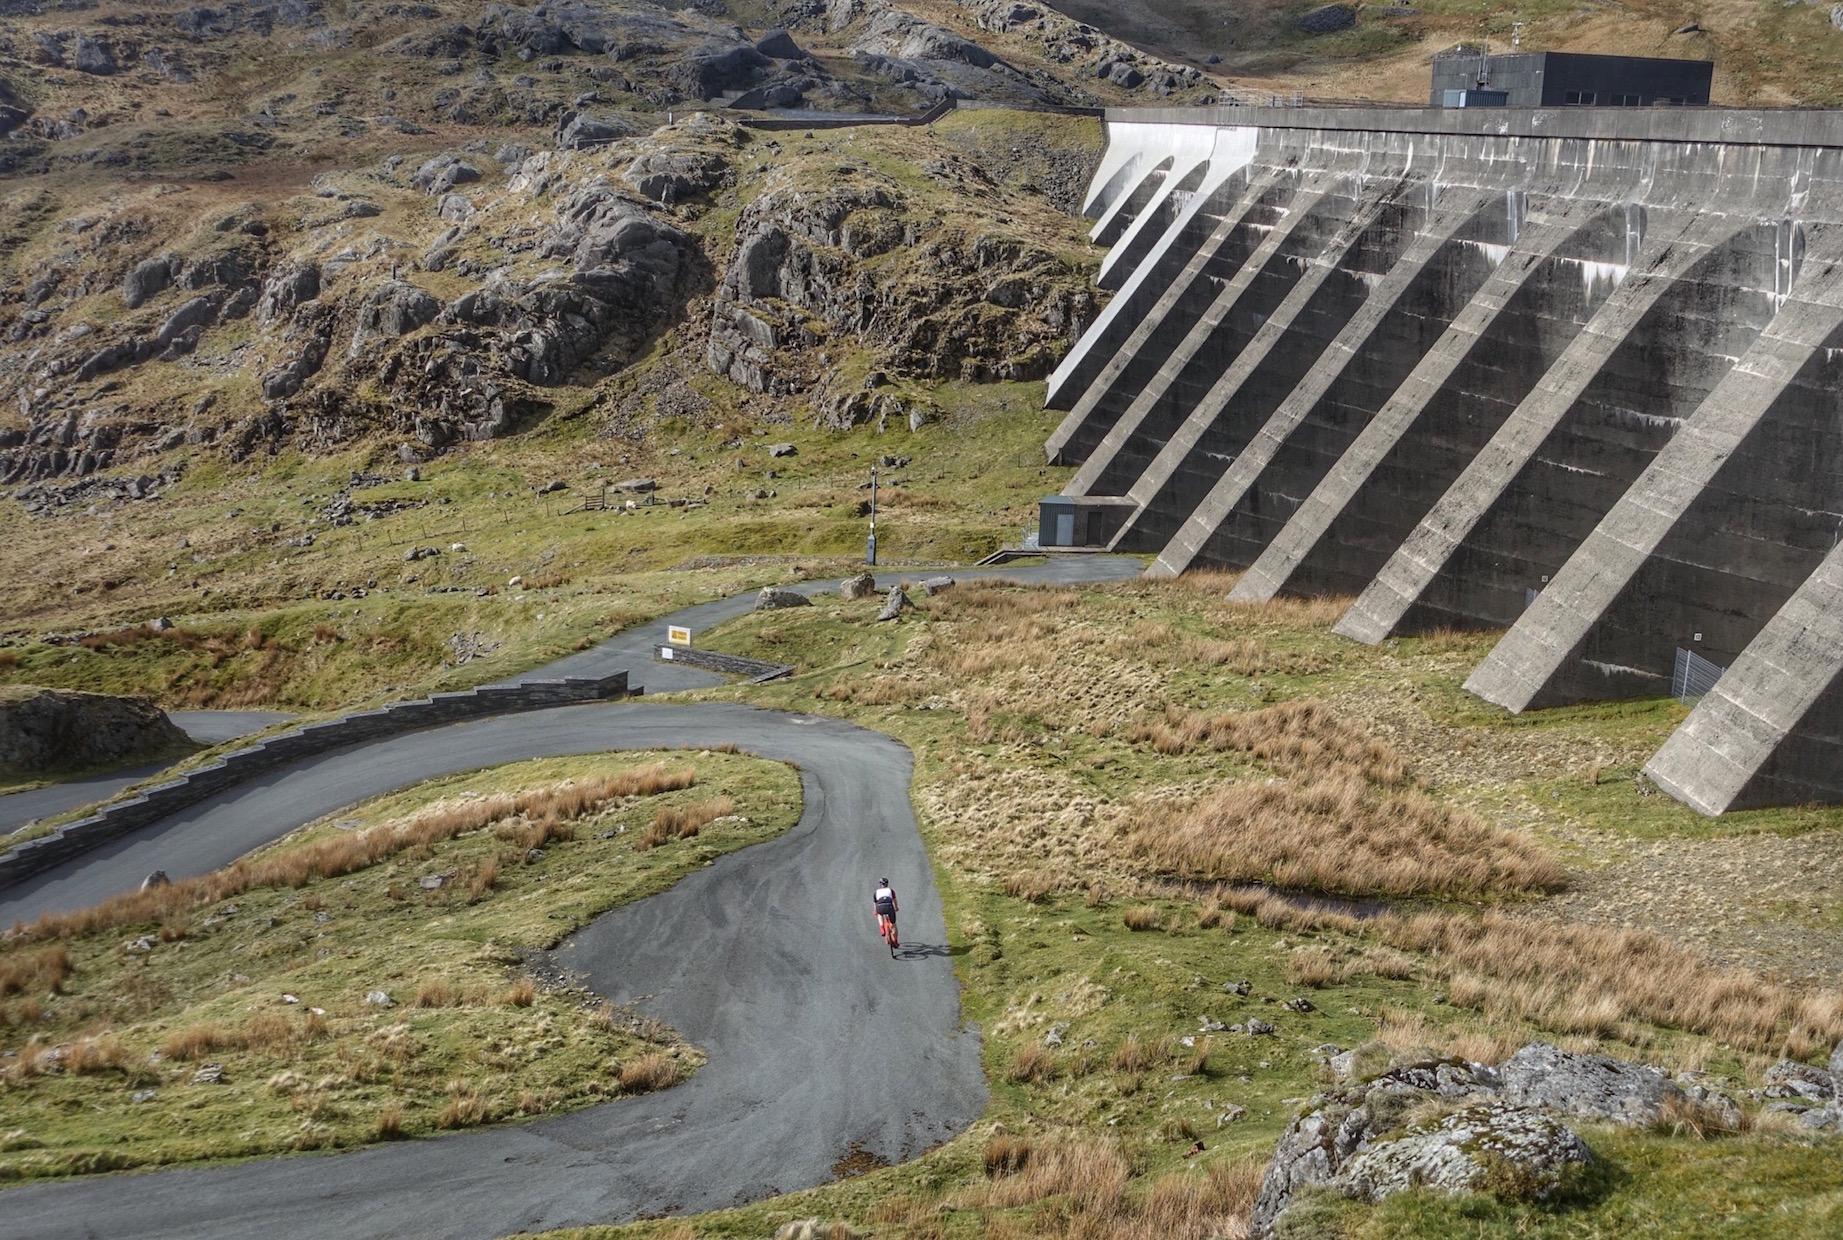 Stwlan Dam